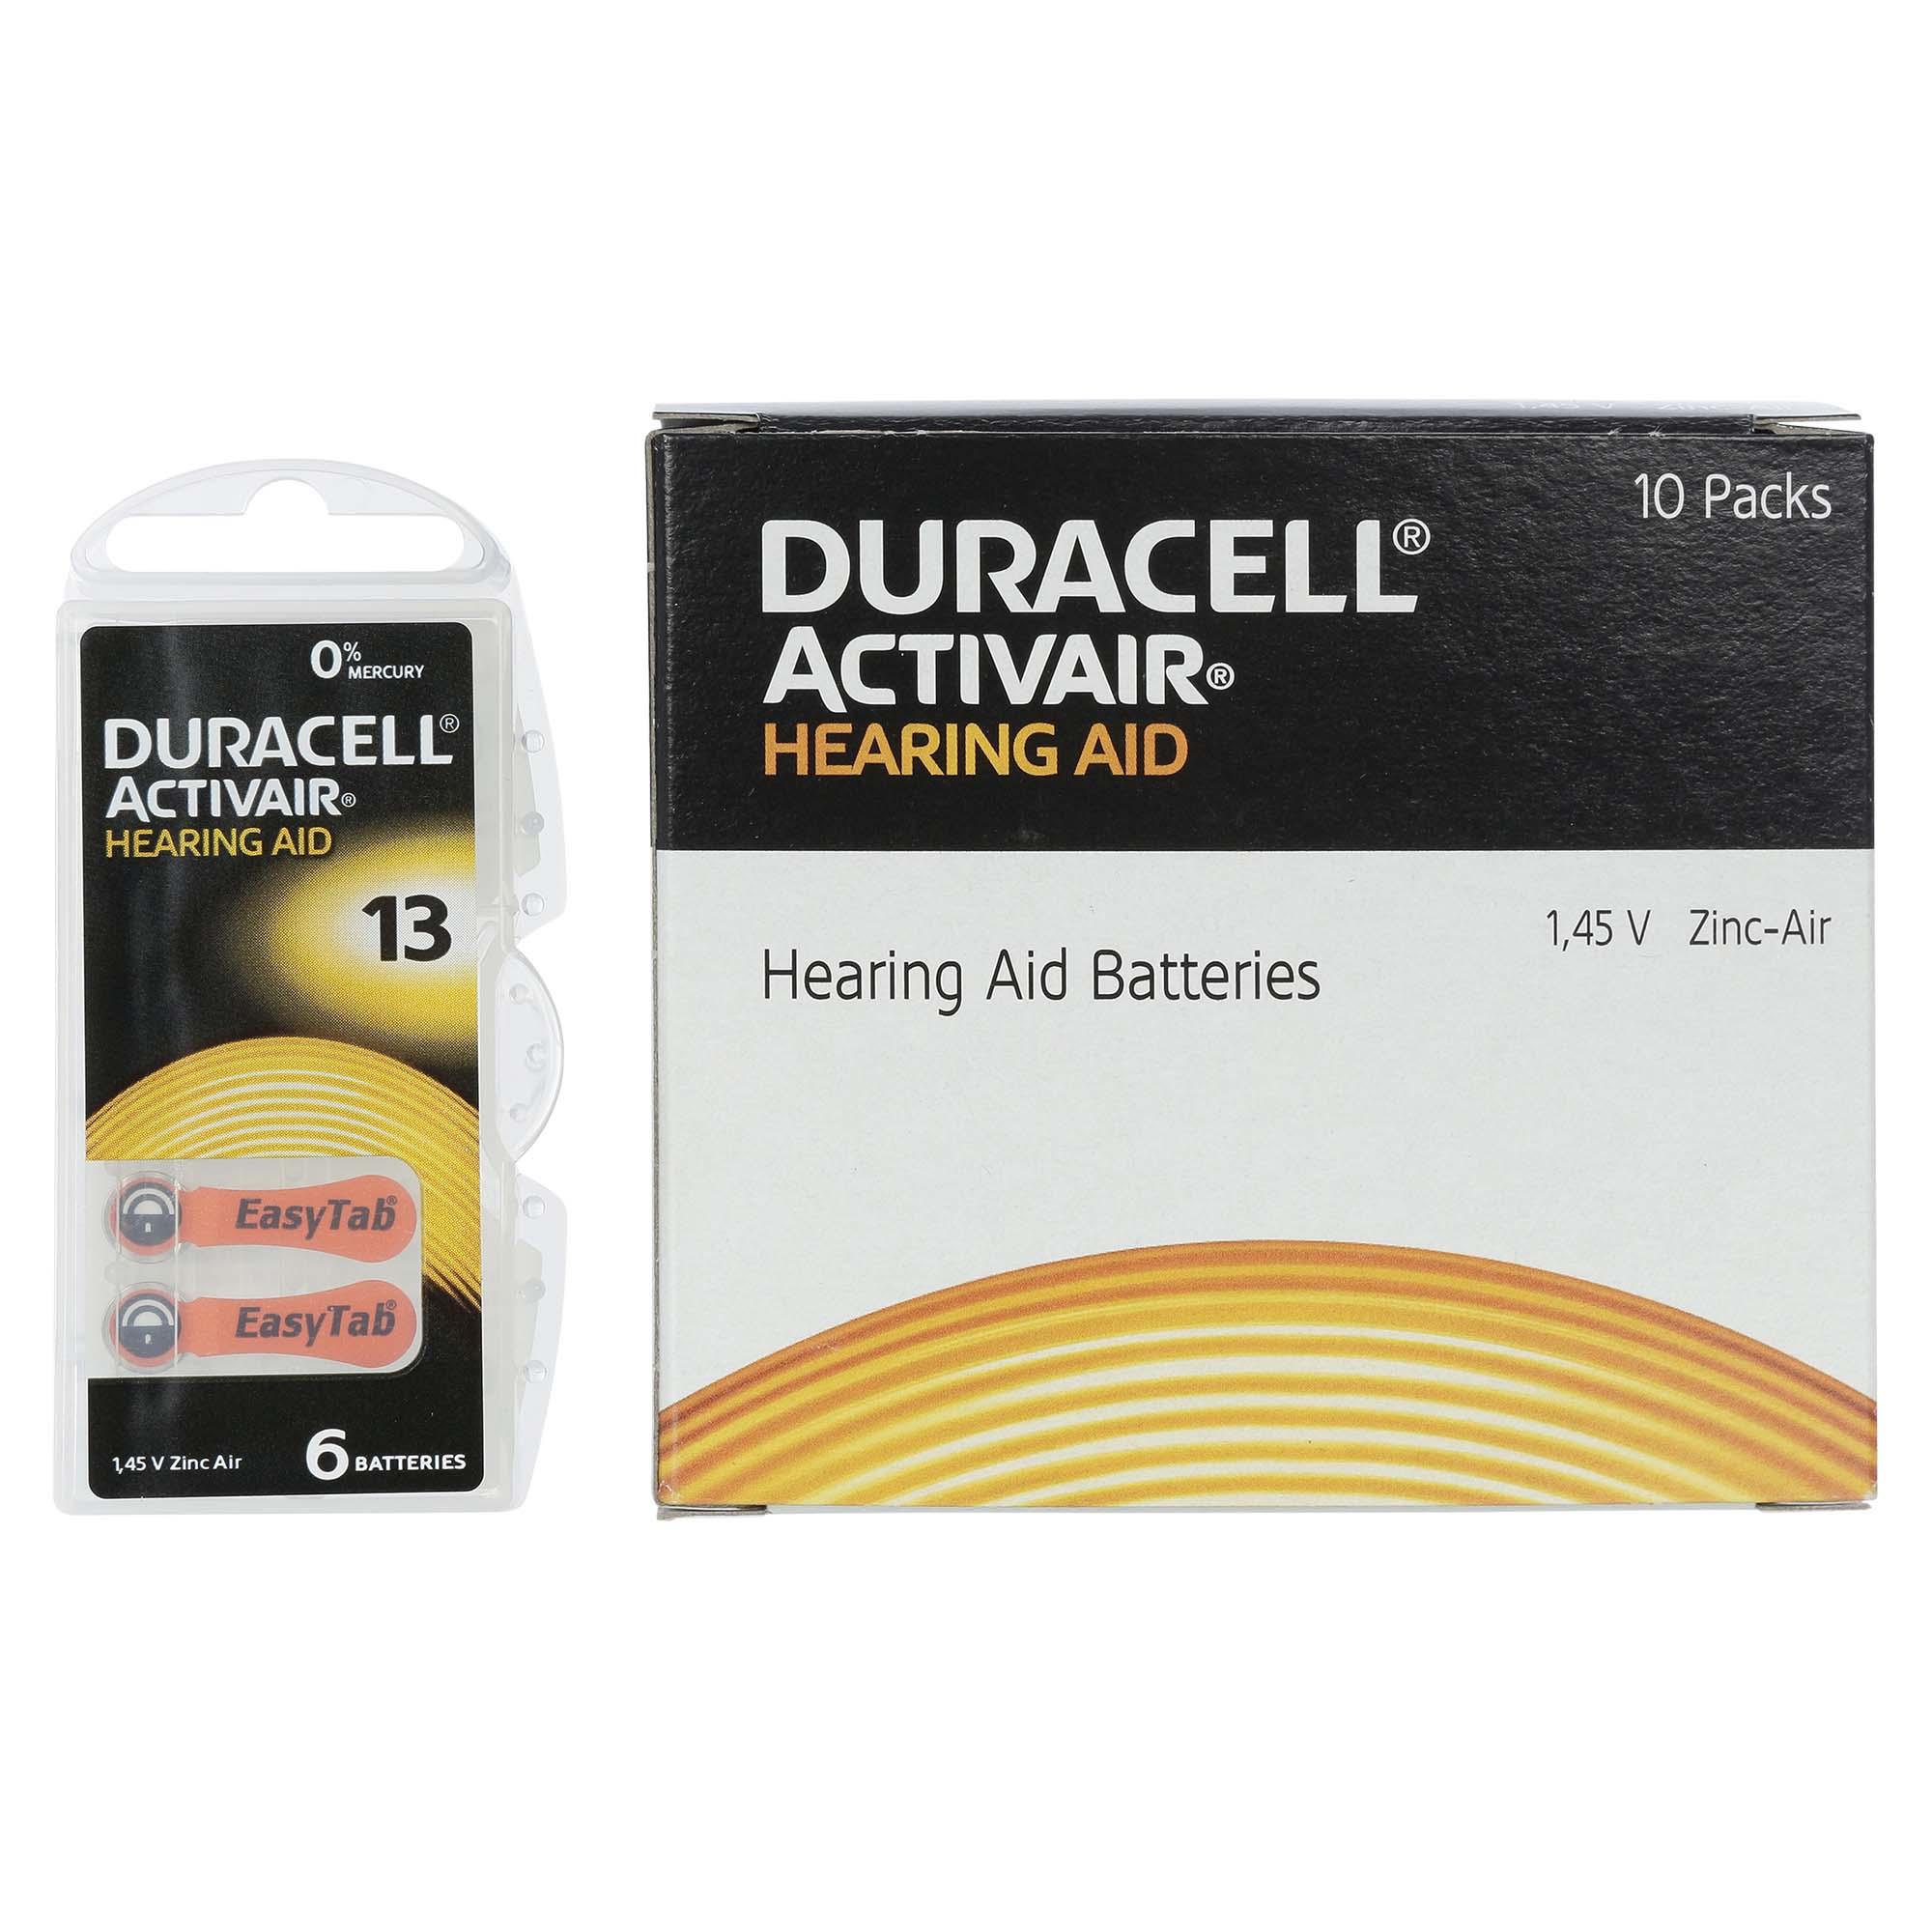 Duracell ActivAir 13 / PR48  - 10 Cartelas - 60 Baterias para Aparelho Auditivo